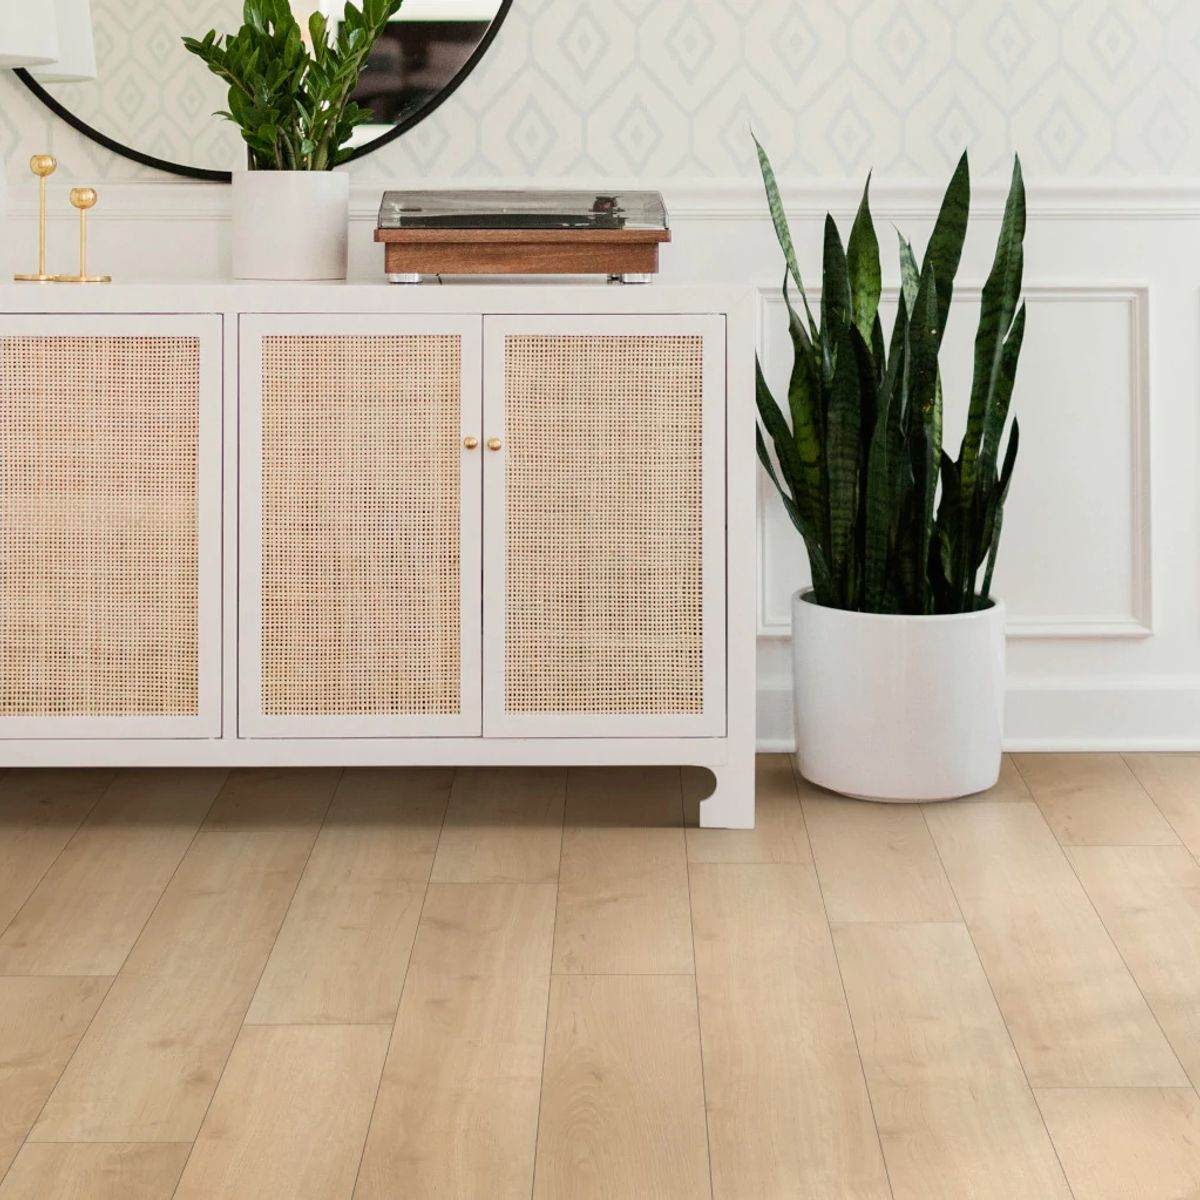 Laminate Flooring Wood Floors, Light Stone Laminate Flooring